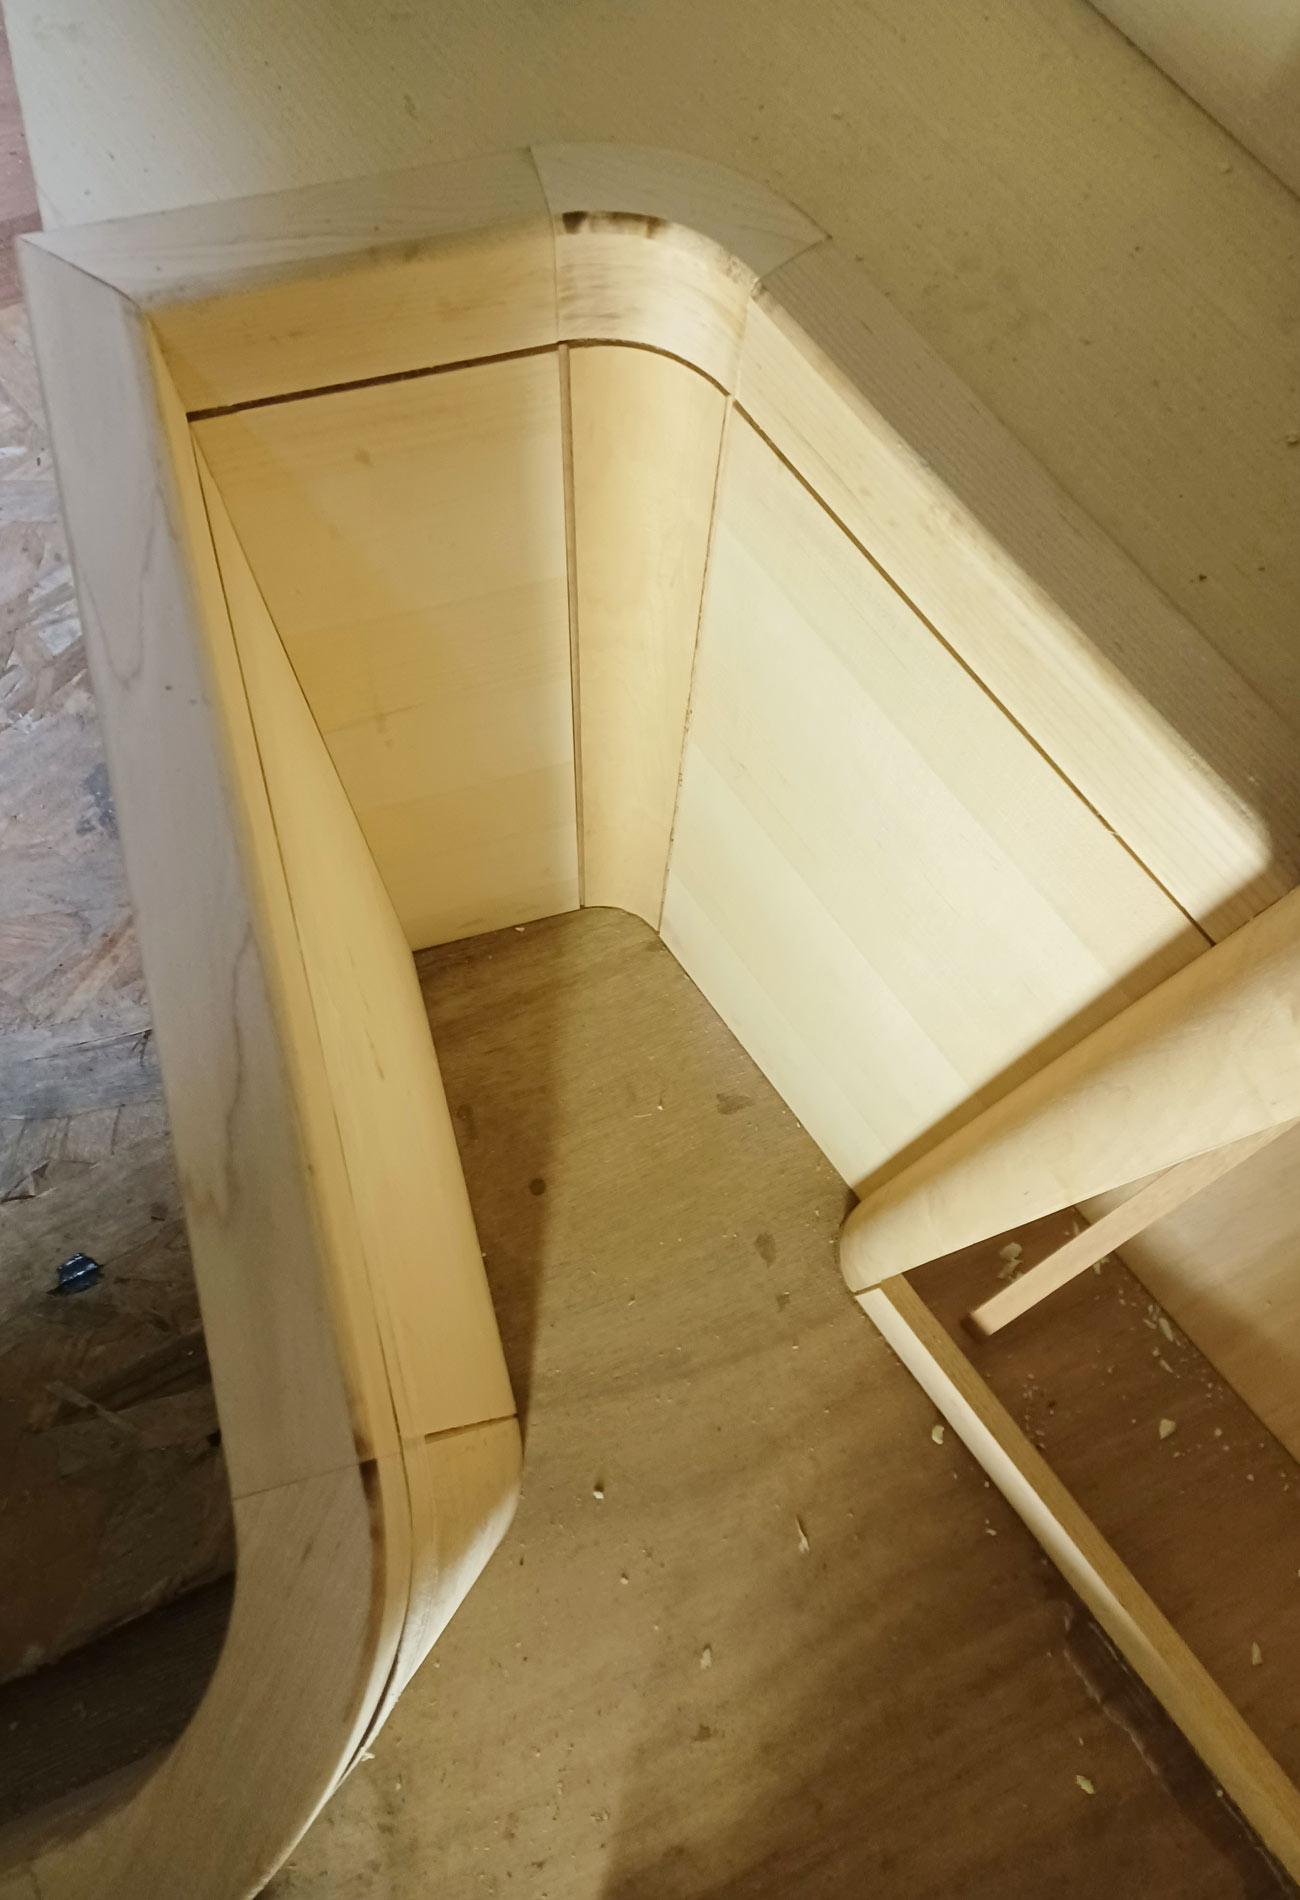 DG52-Voilier-sur-mesure-chaudronnerie-custom-made-Vincent-Lebailly-architecte-naval1